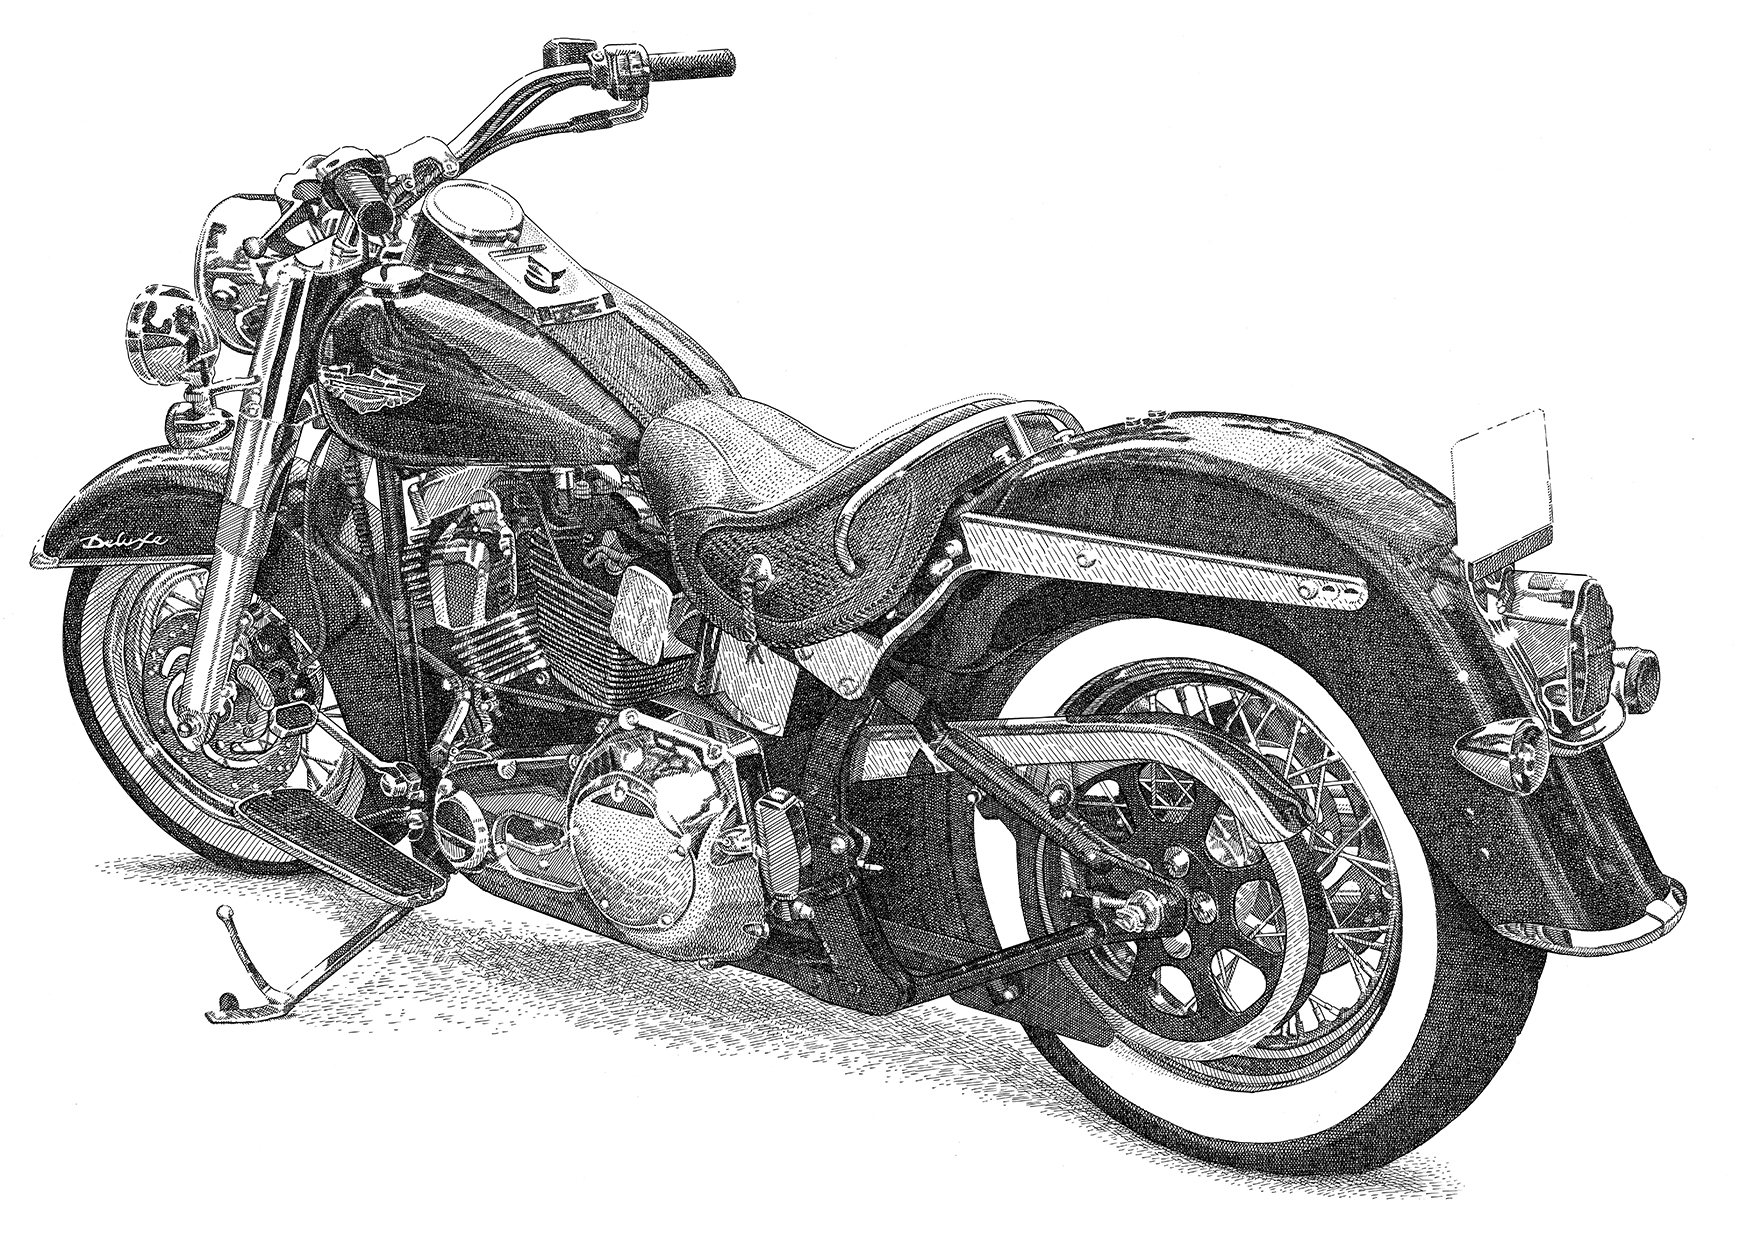 Harley Deluxe.jpg